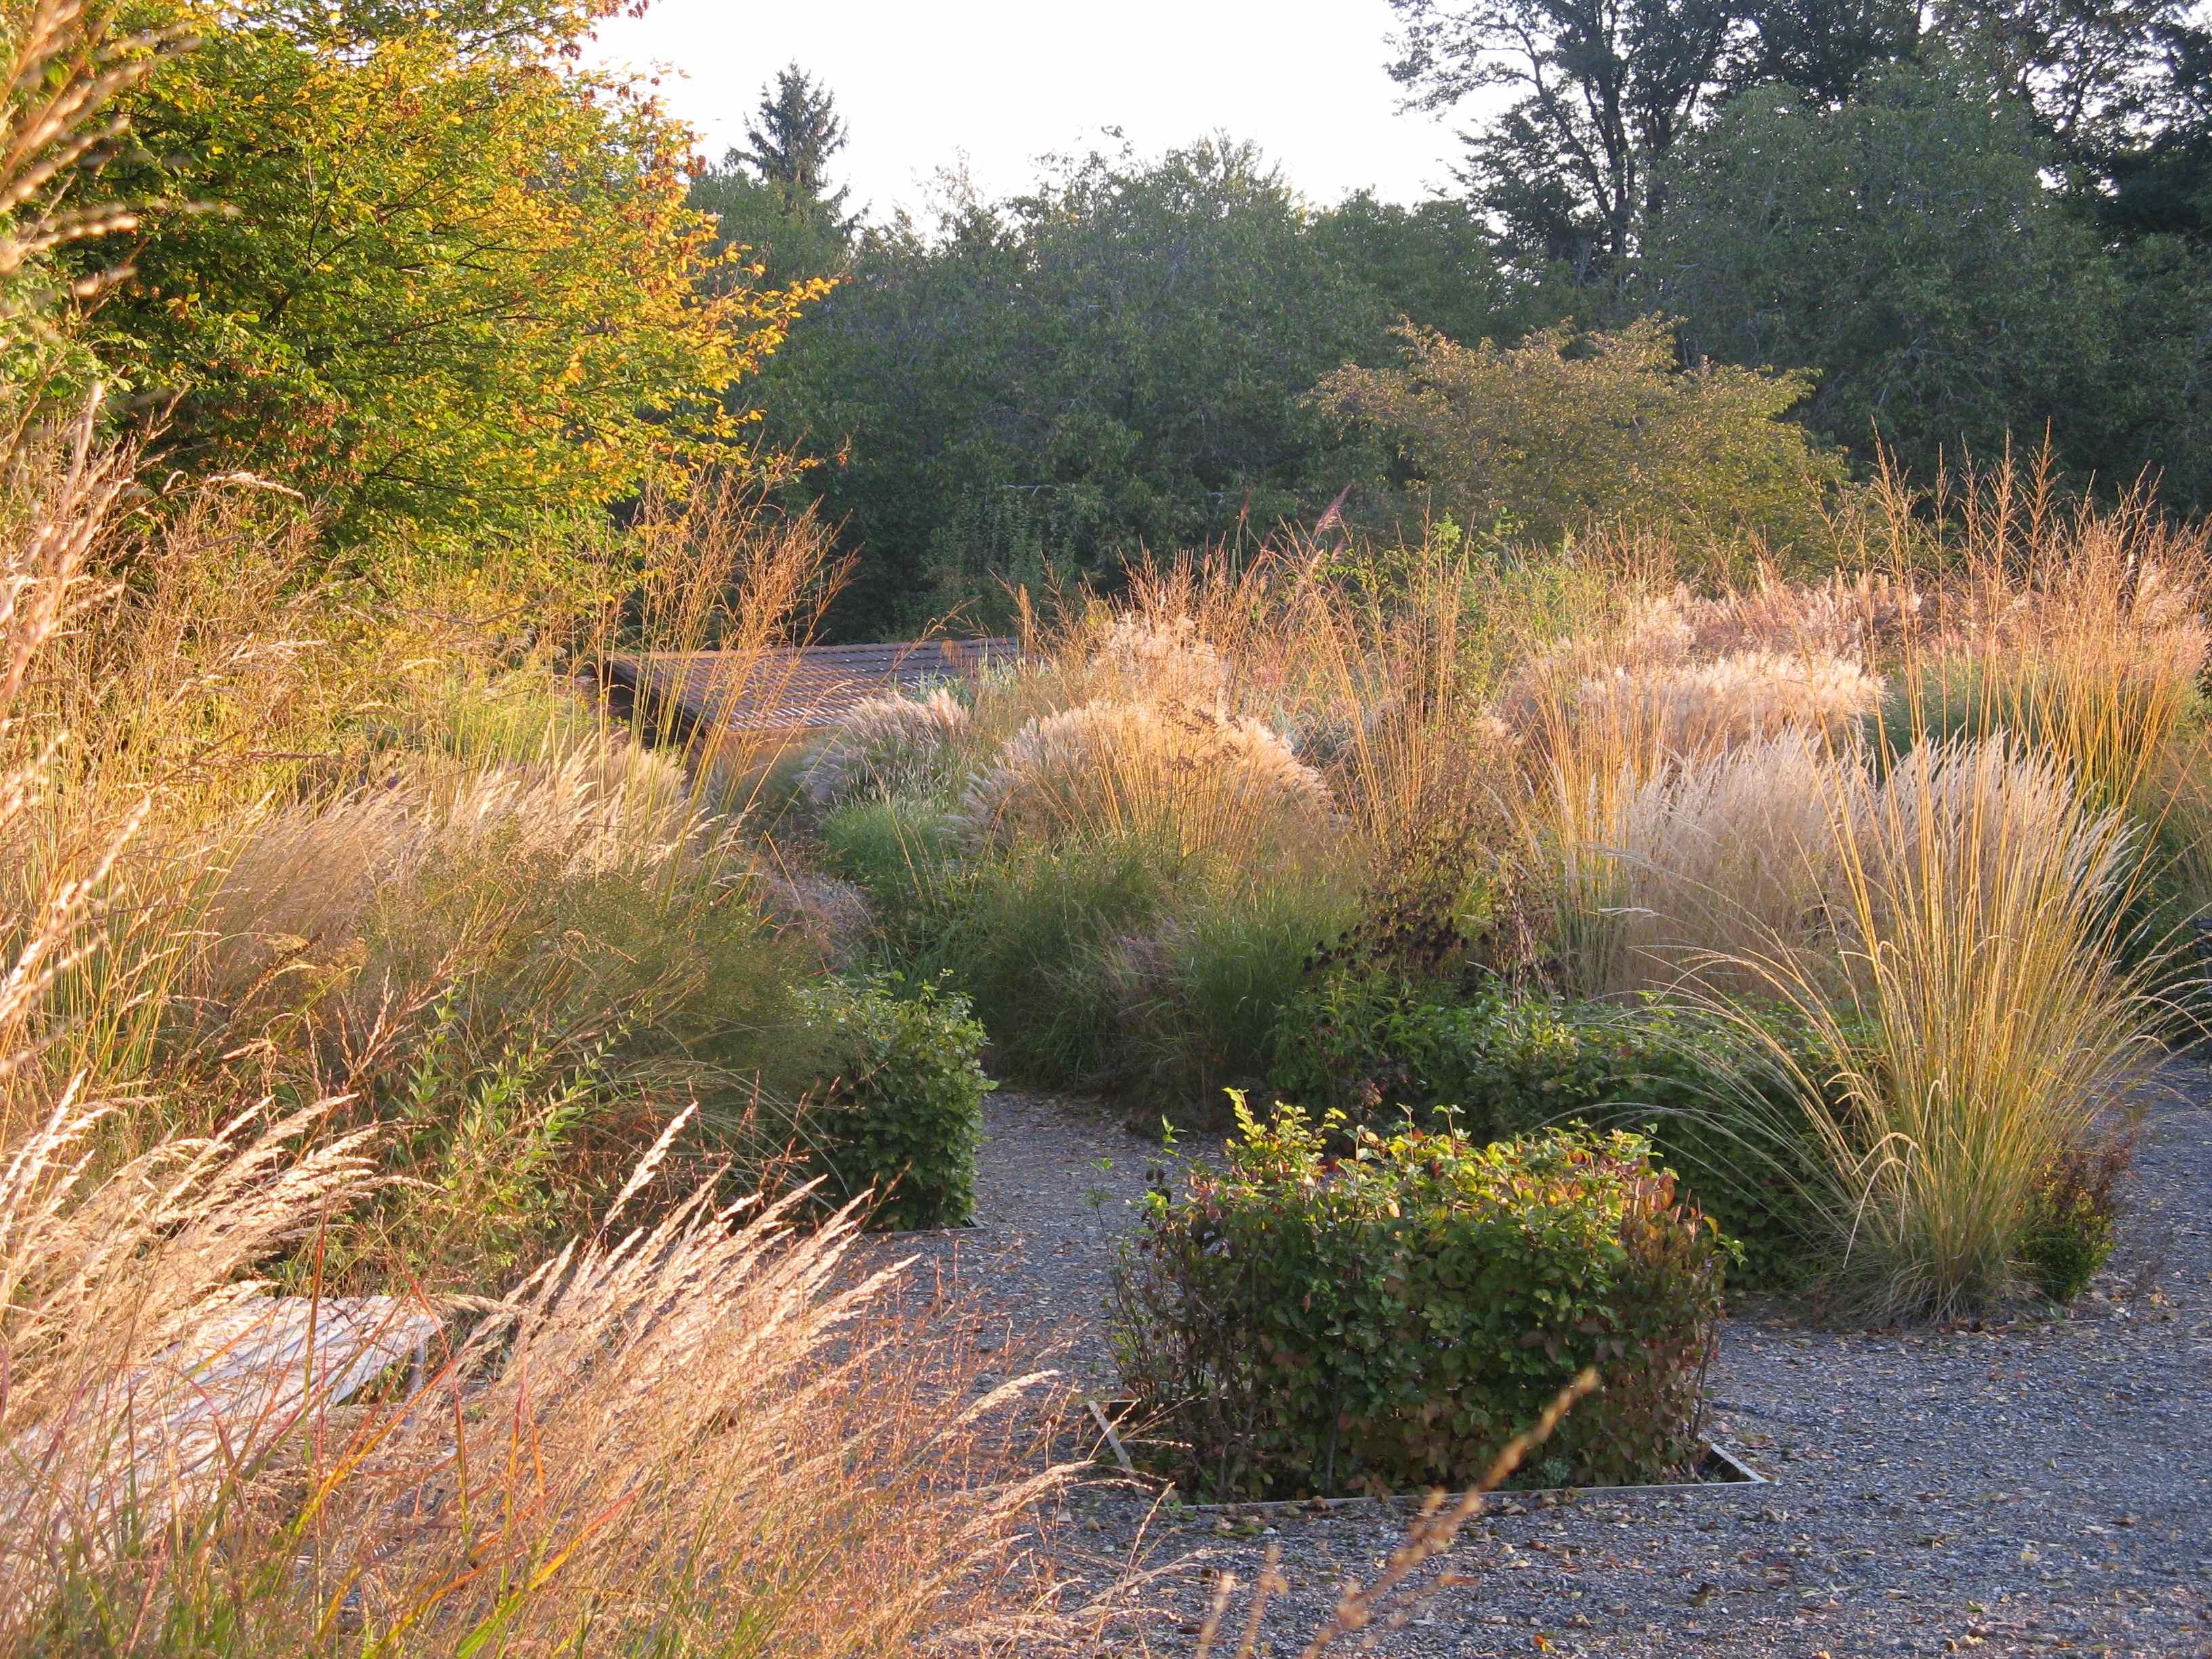 Gräsersorten gräsergarten pflanzen für nassen boden